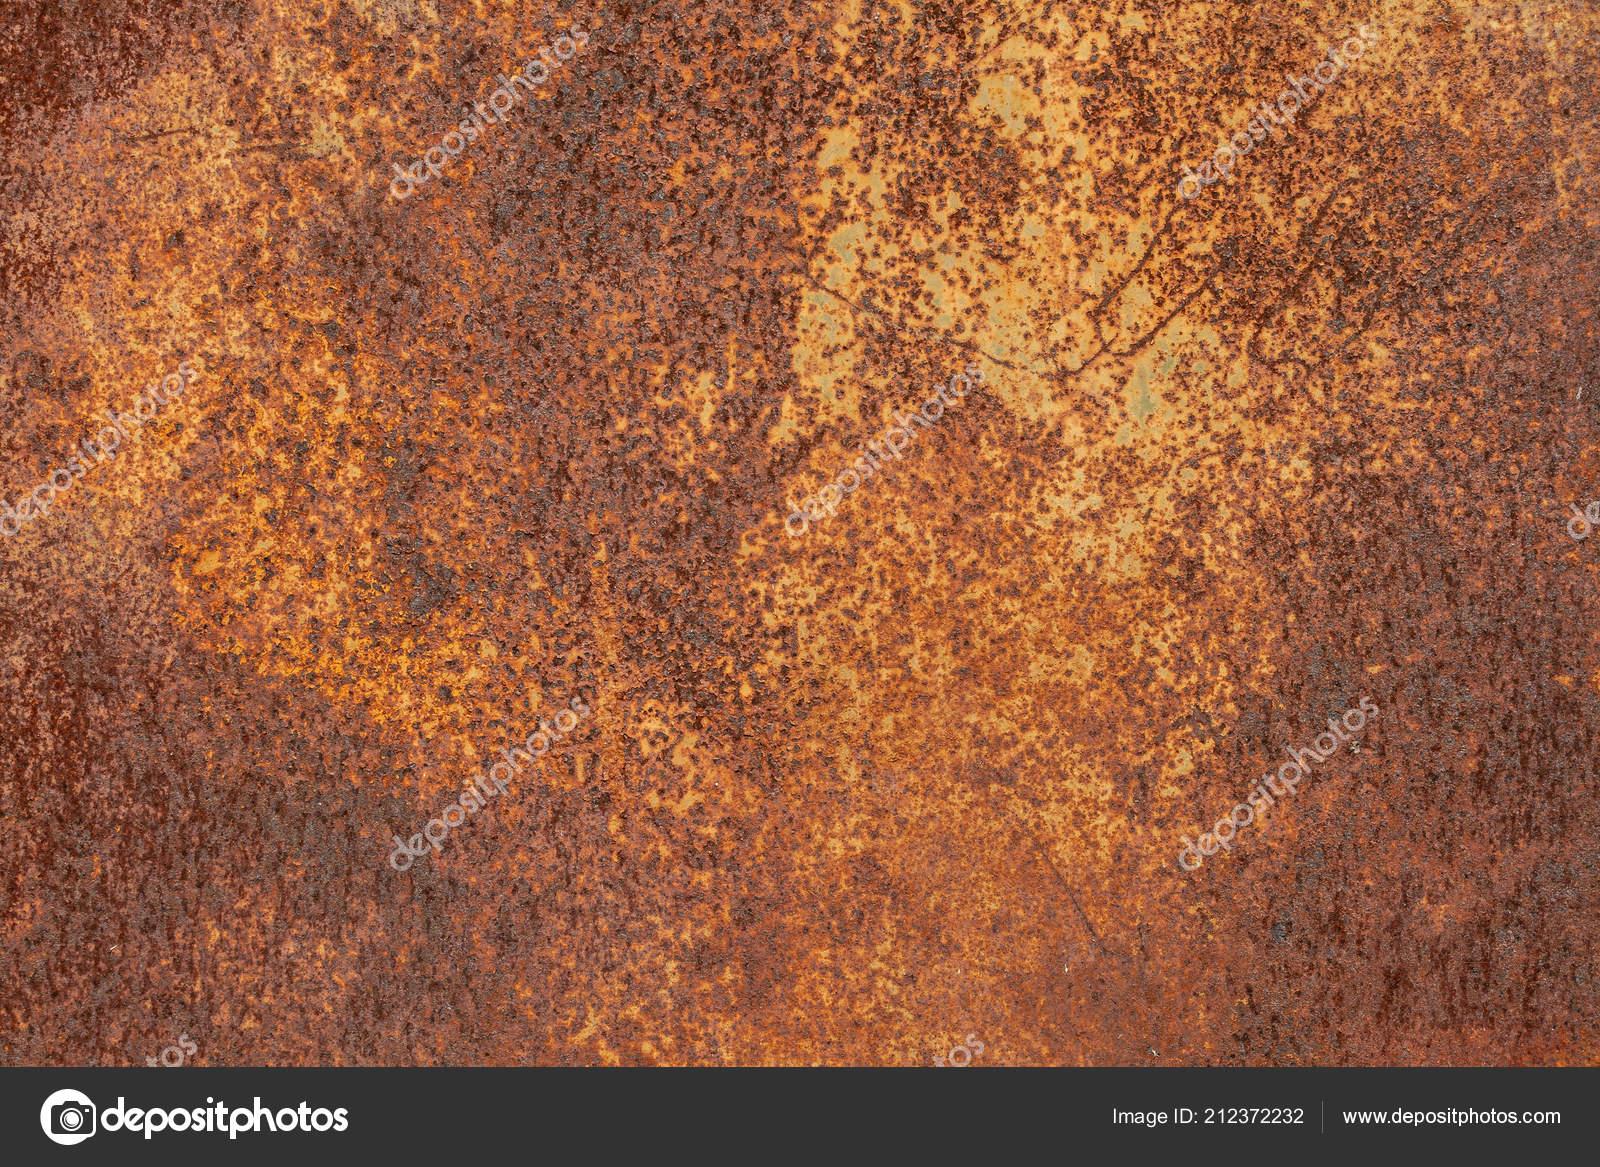 Grunge Verrostet Metall Textur Rostige Korrosion Und Oxidierte